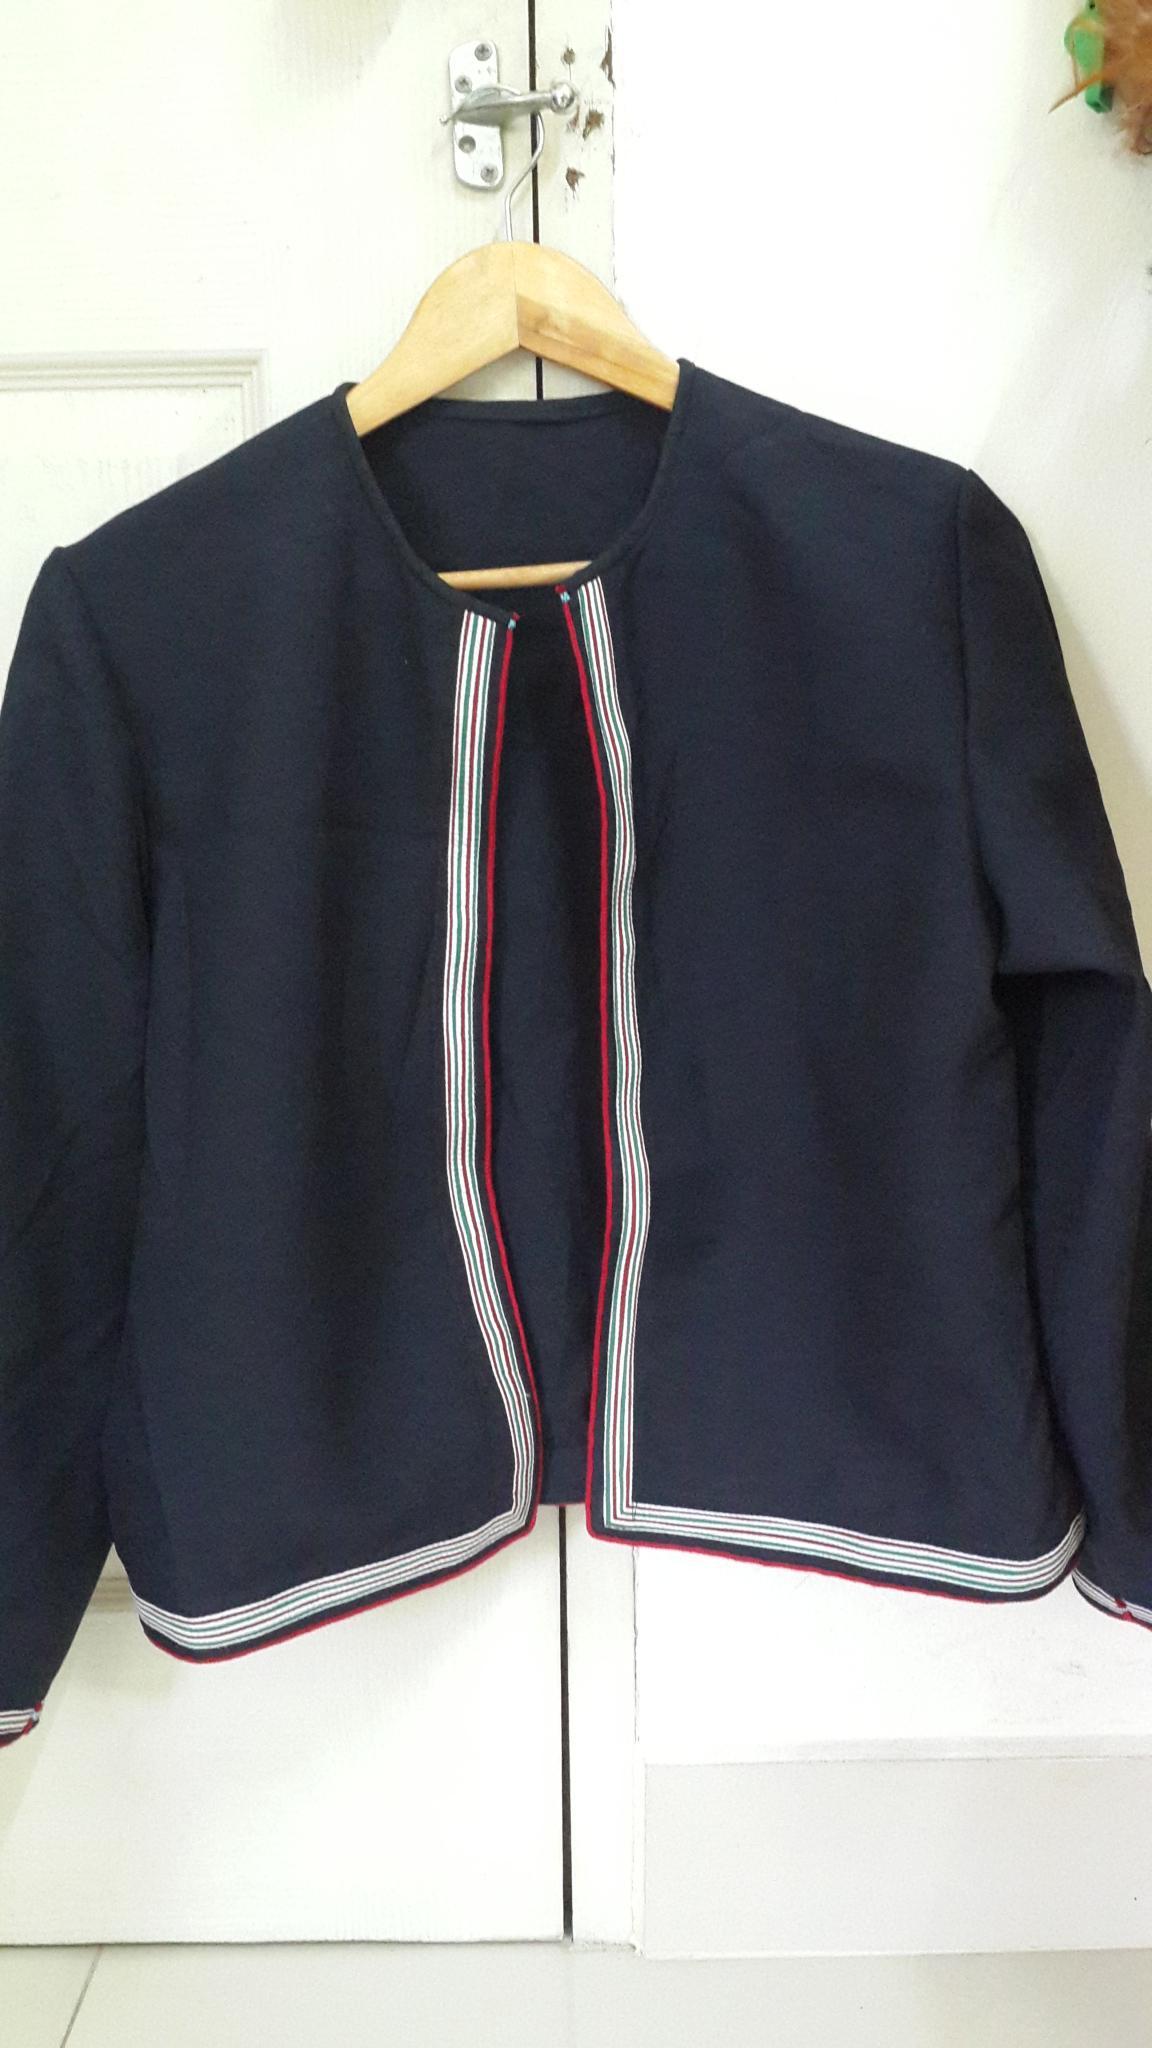 เสื้ออิวเมี่ยนประยุกต์ สำหรับผู้หญิง